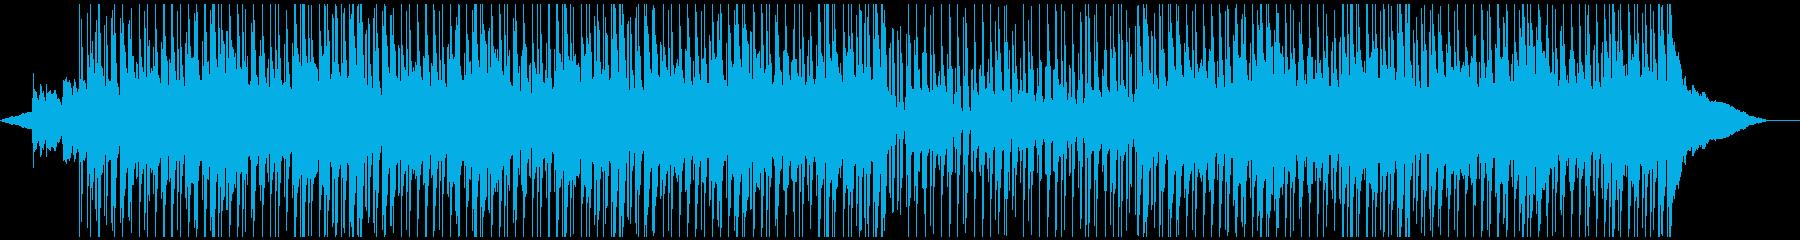 子ども向け元気な童謡カバーの再生済みの波形